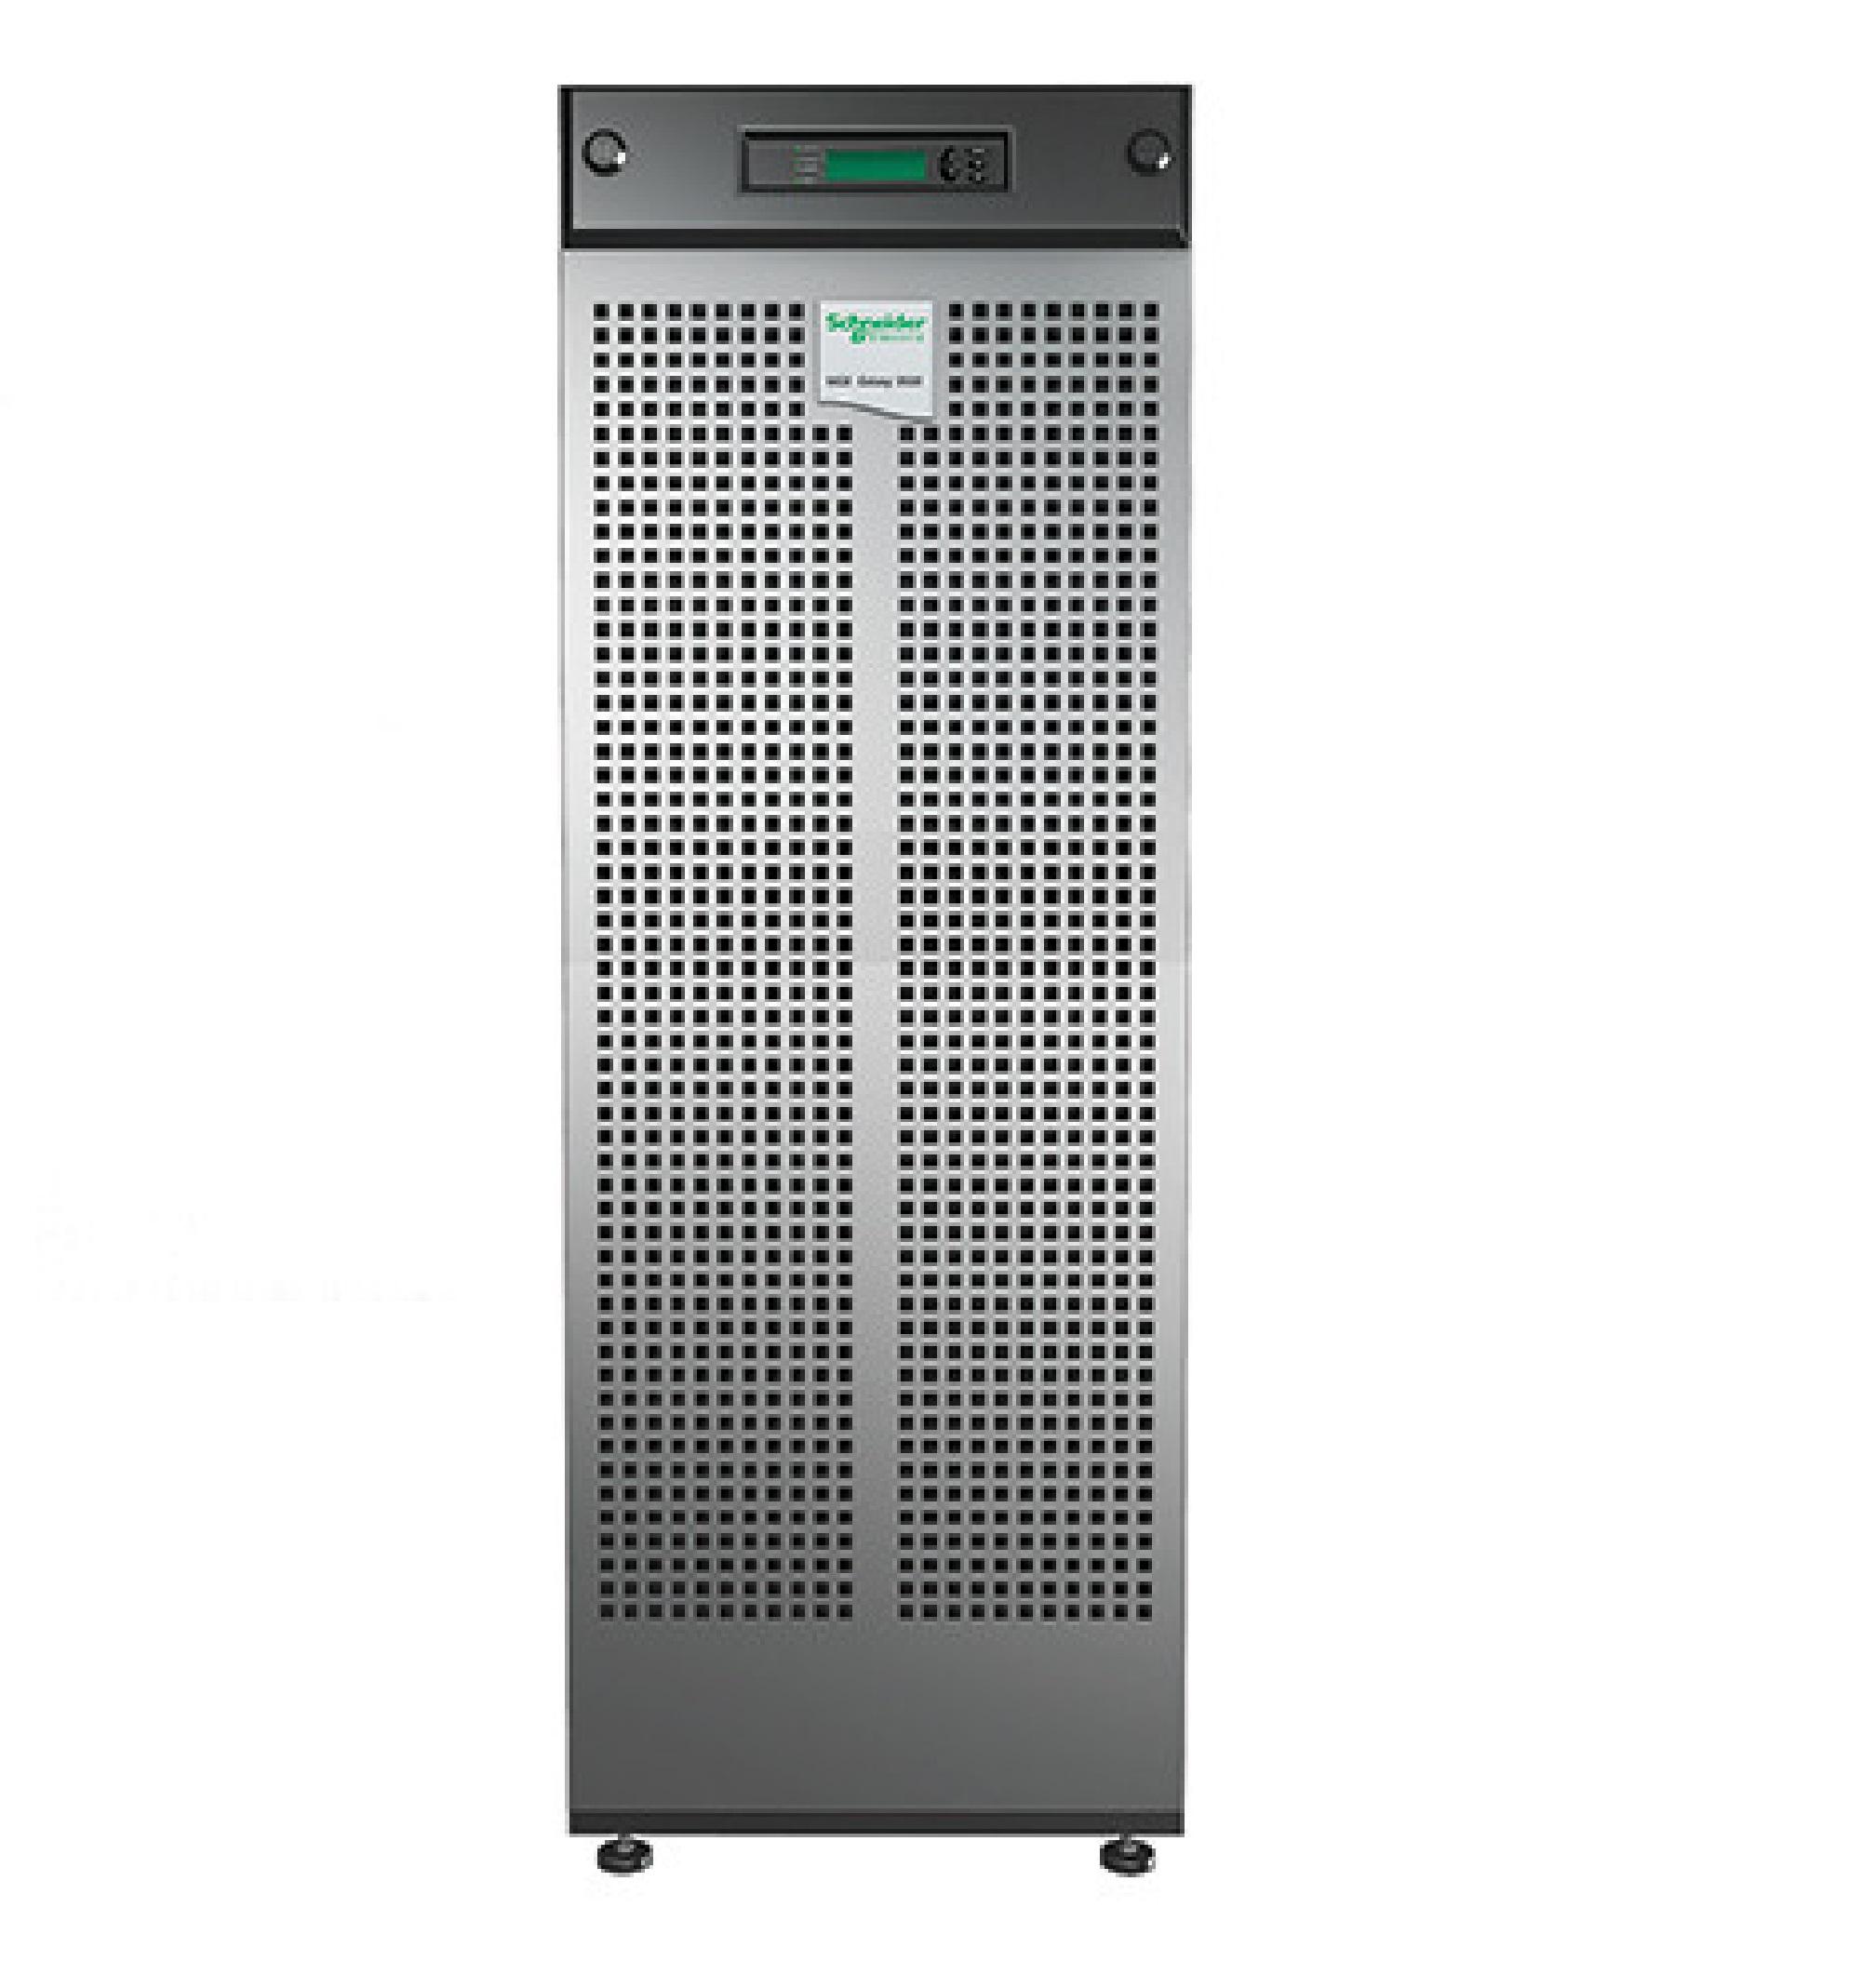 MGE Galaxy 3500, 30 kVA e 400 V, com 3 módulos de baterias expansíveis a 4, startup 5x8